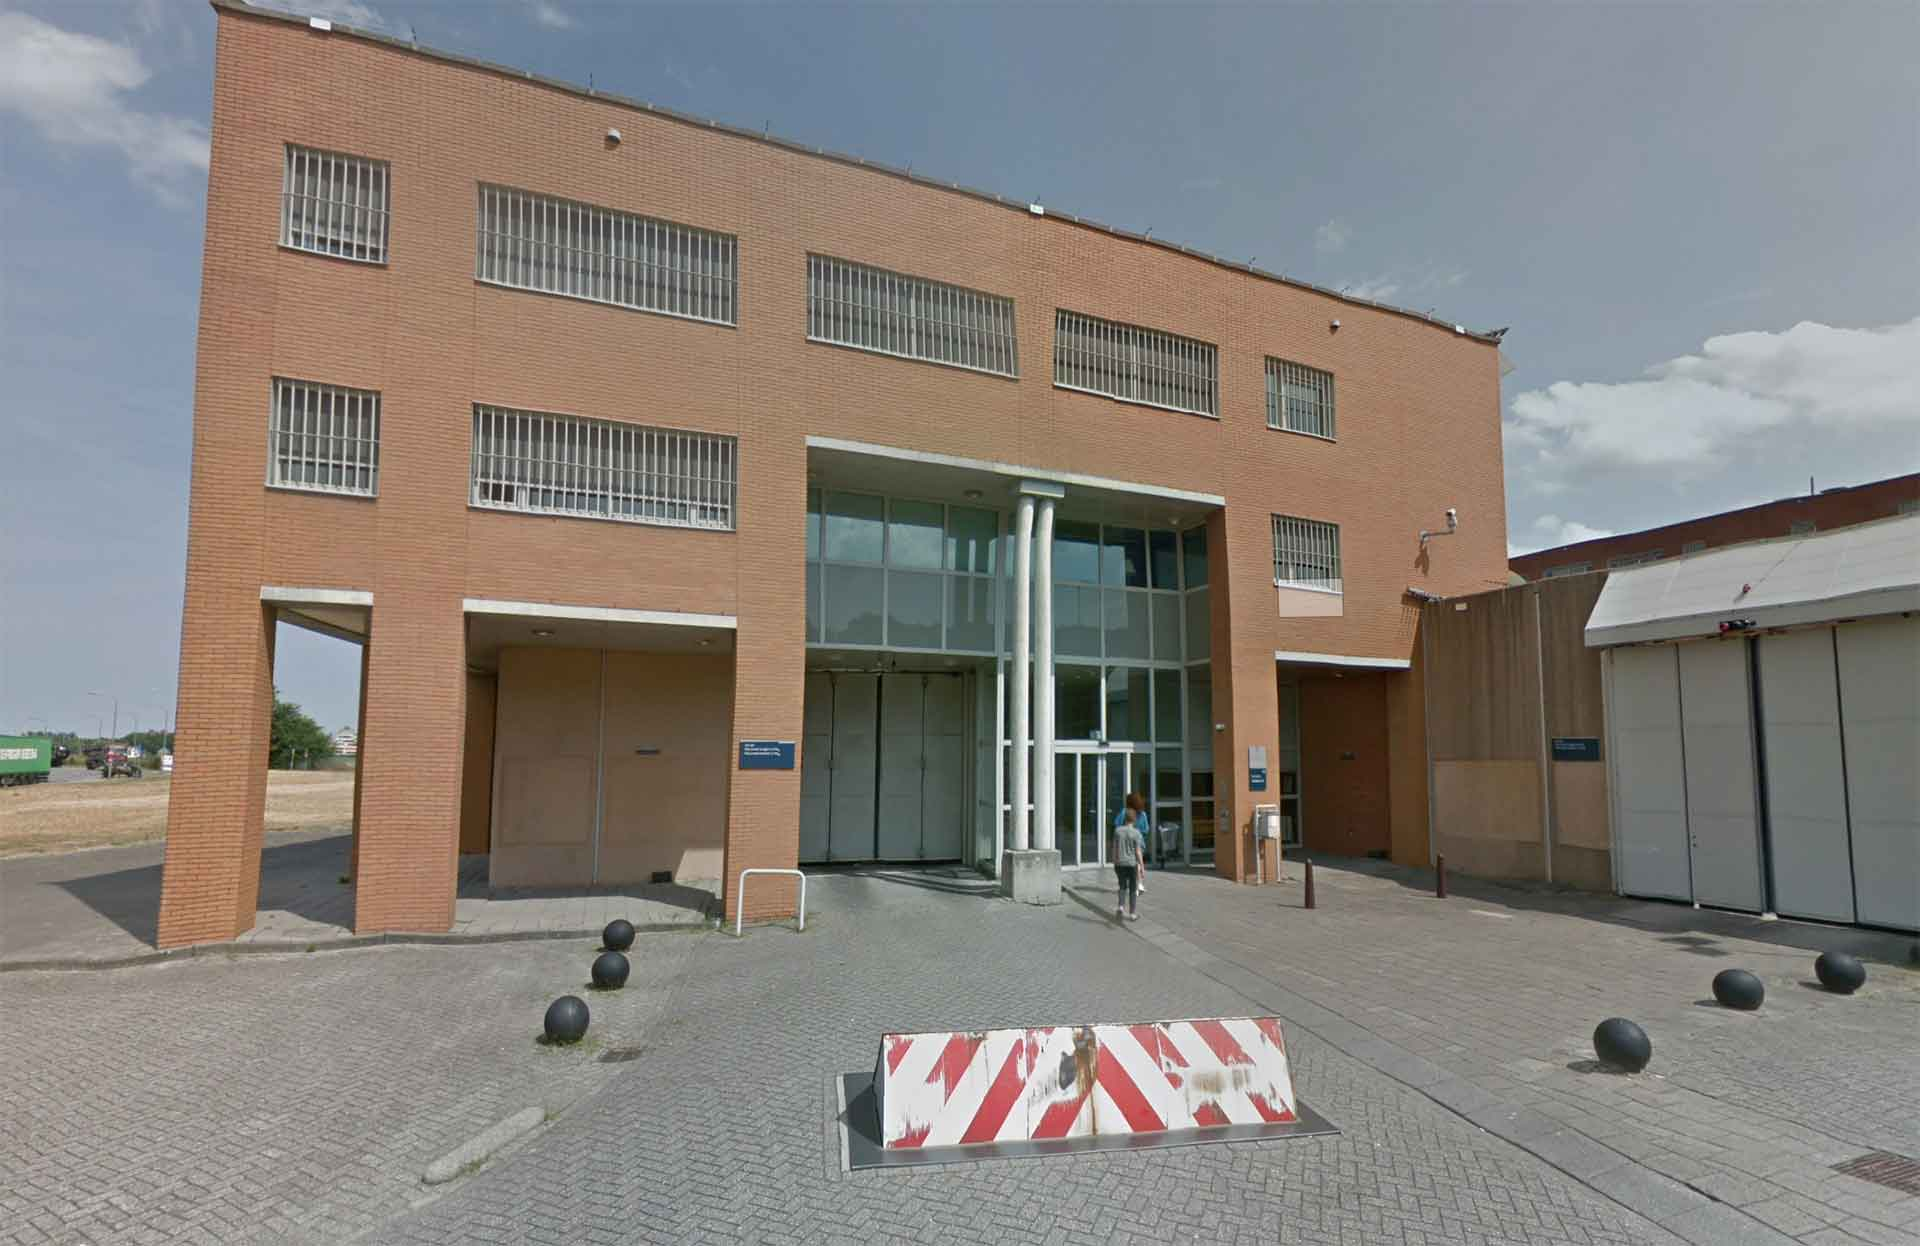 Penitentiaire Inrichting PI Dordrecht - Weening Strafrechtadvocaten